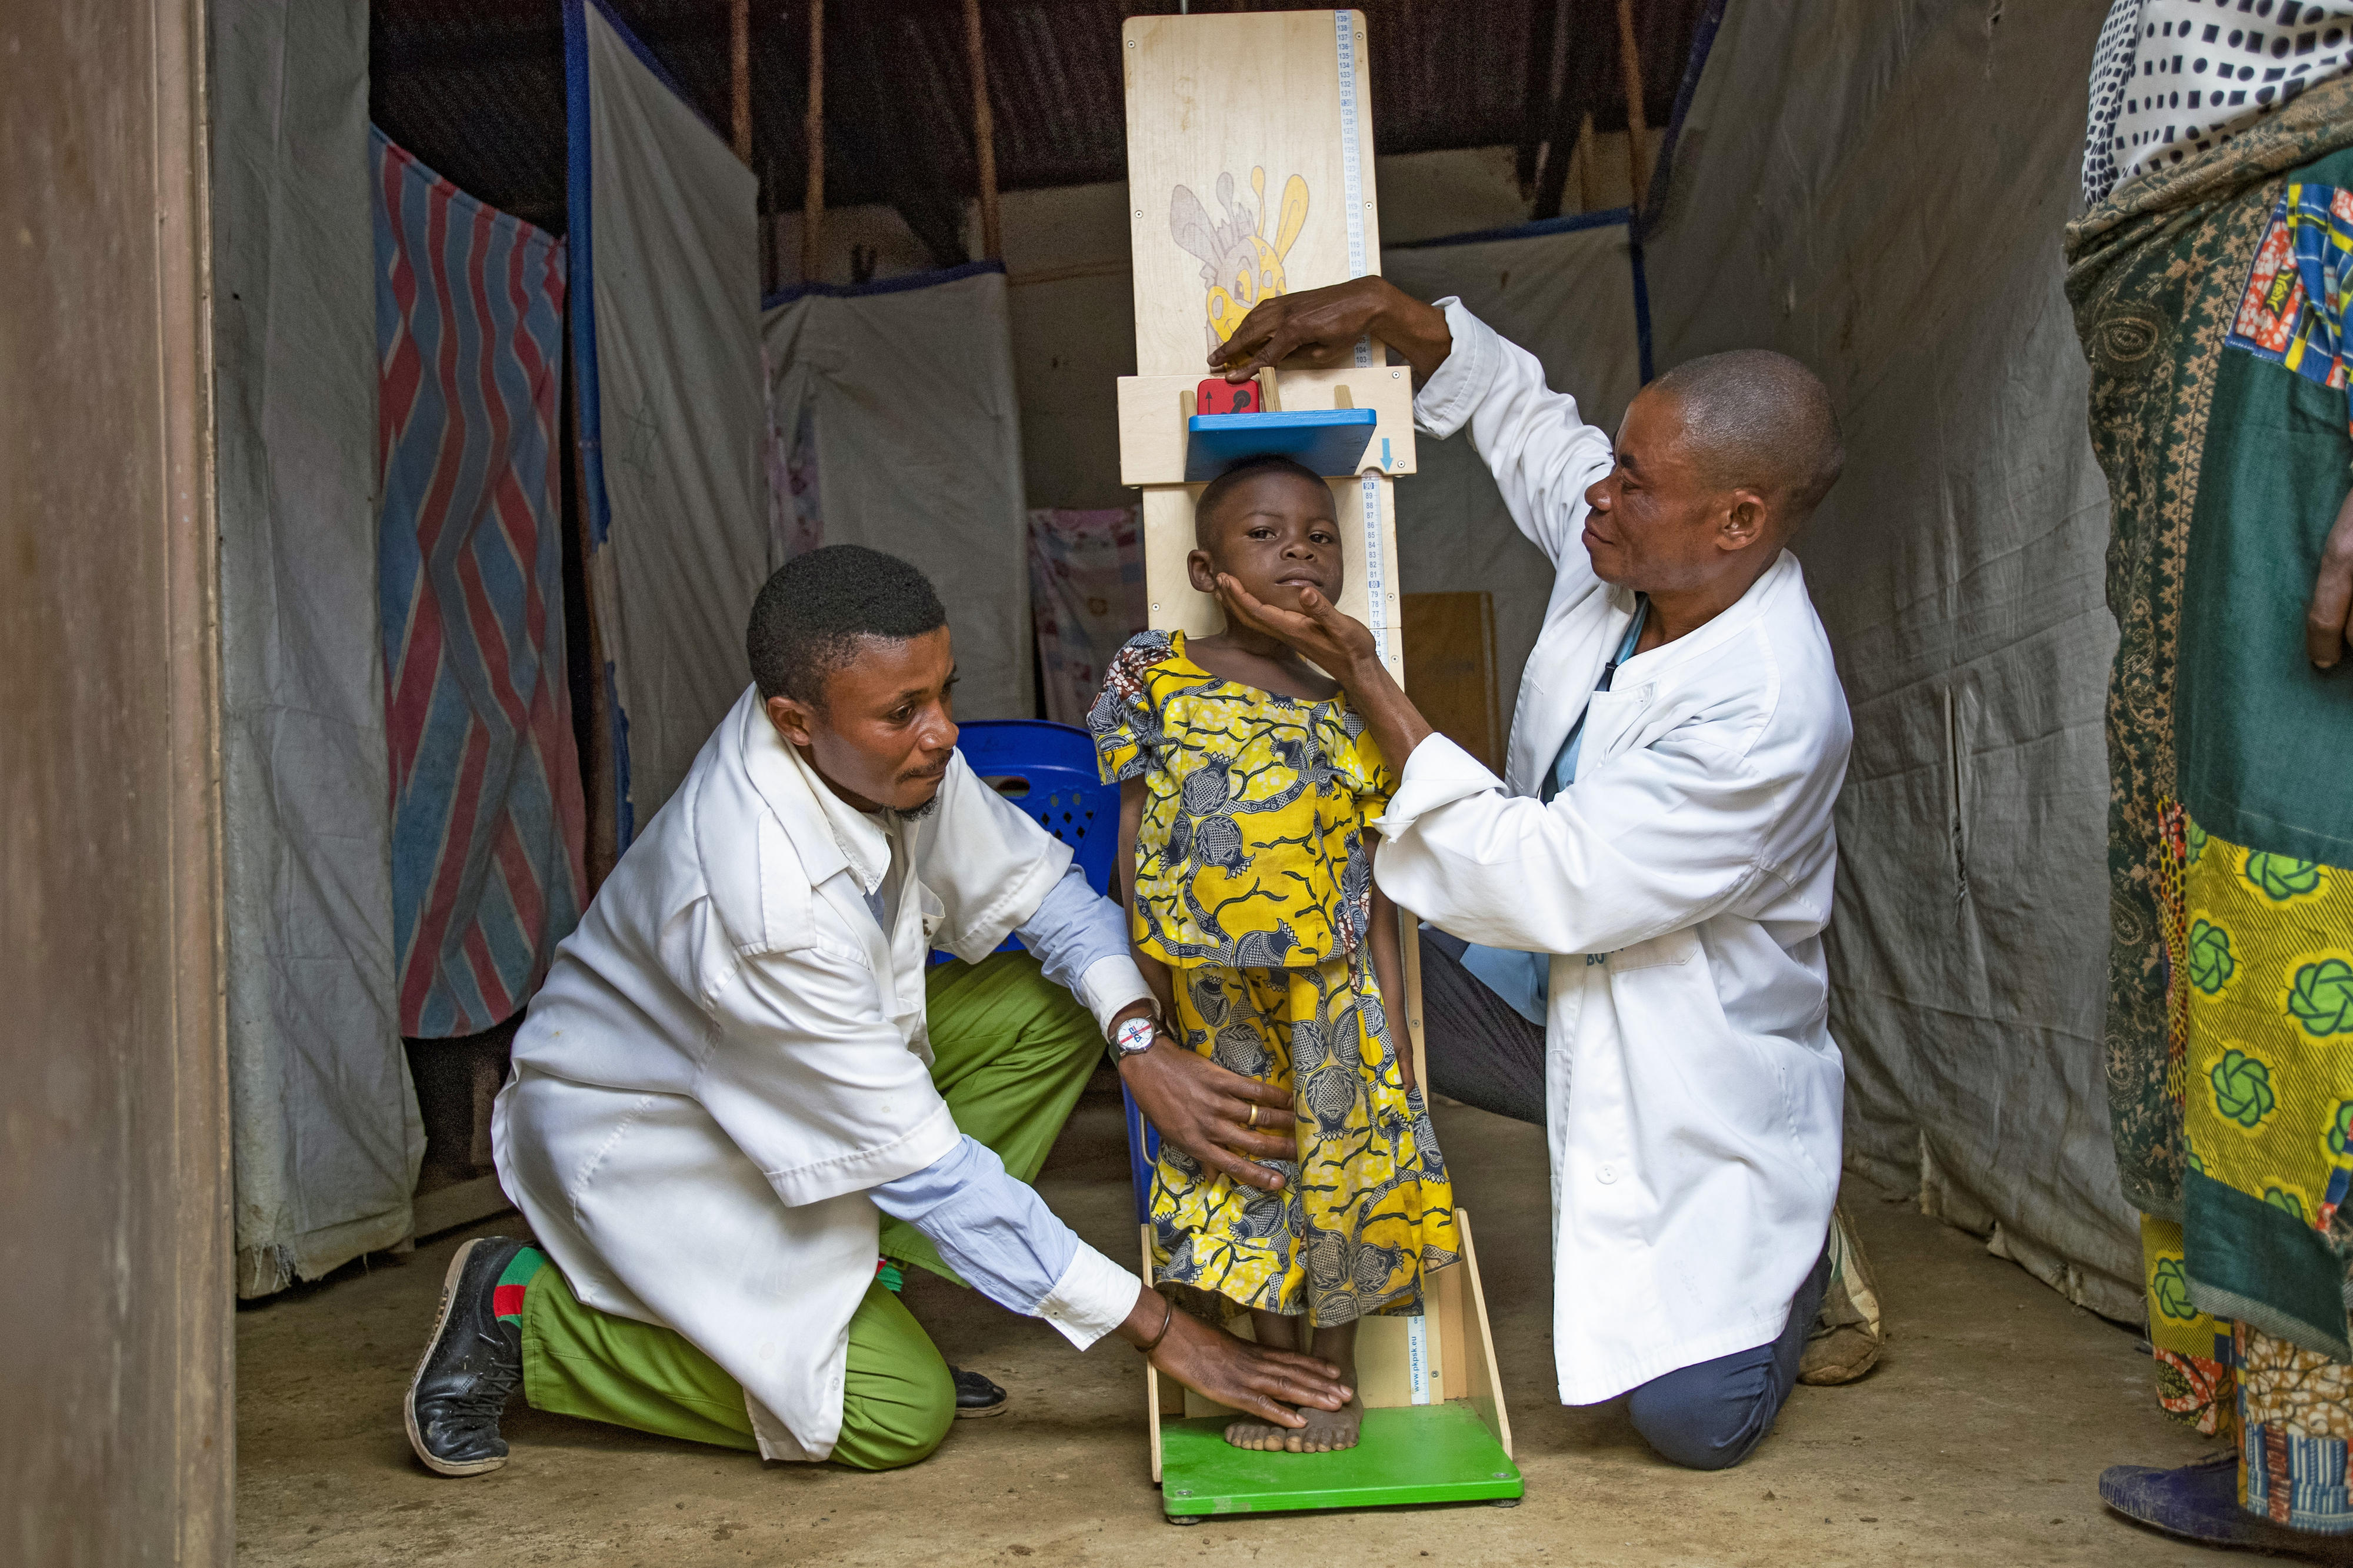 Die achtjährige Faraja profitiert von dem gemeinsamen Projekt von UNICEF, FAO und WFP, das gefährdete Bevölkerungsgruppen in den konfliktreichen Provinzen Nord- und Süd-Kivu (Demokratische Republik Kongo) unterstützt.